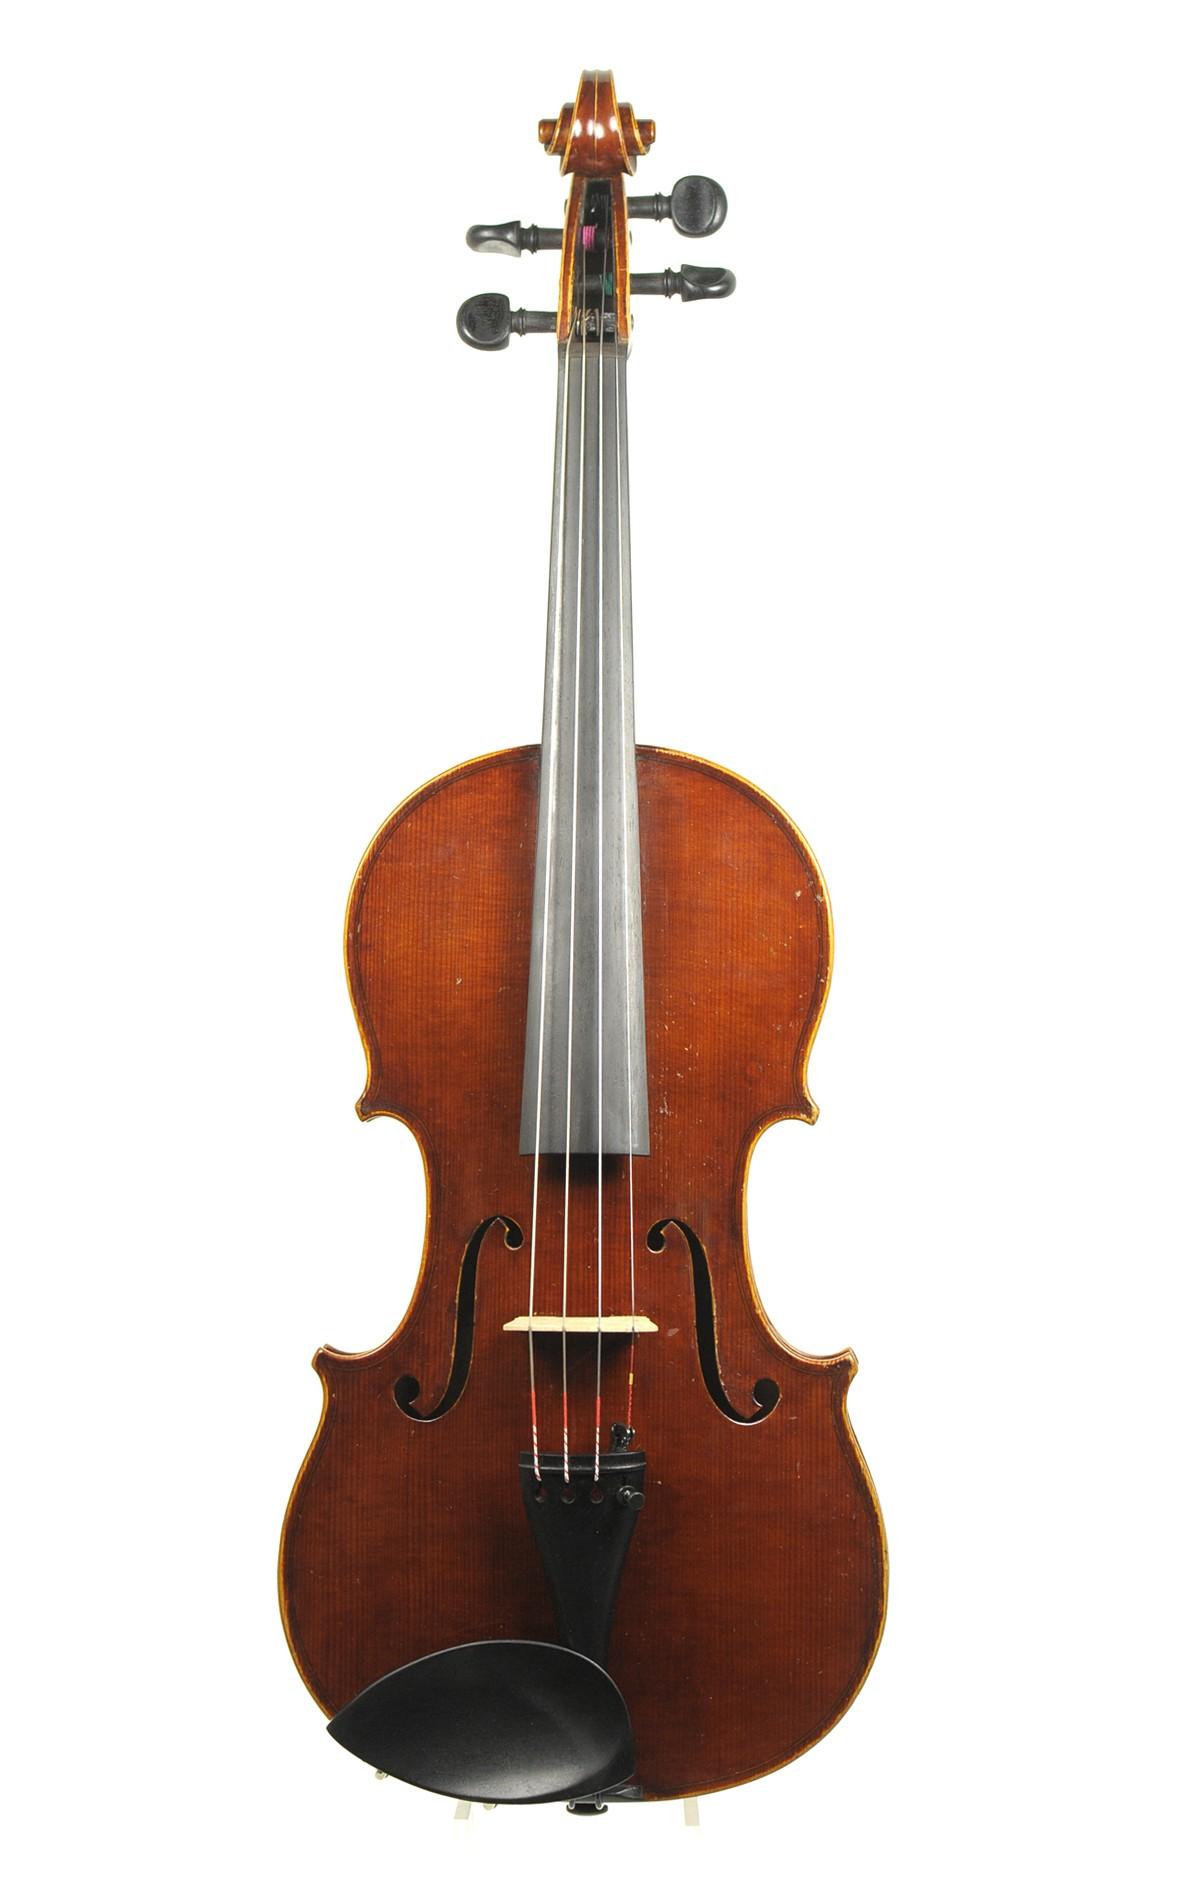 German Markneukirchen violin, Heinrich Th. Heberlein Jr., 1937 - top